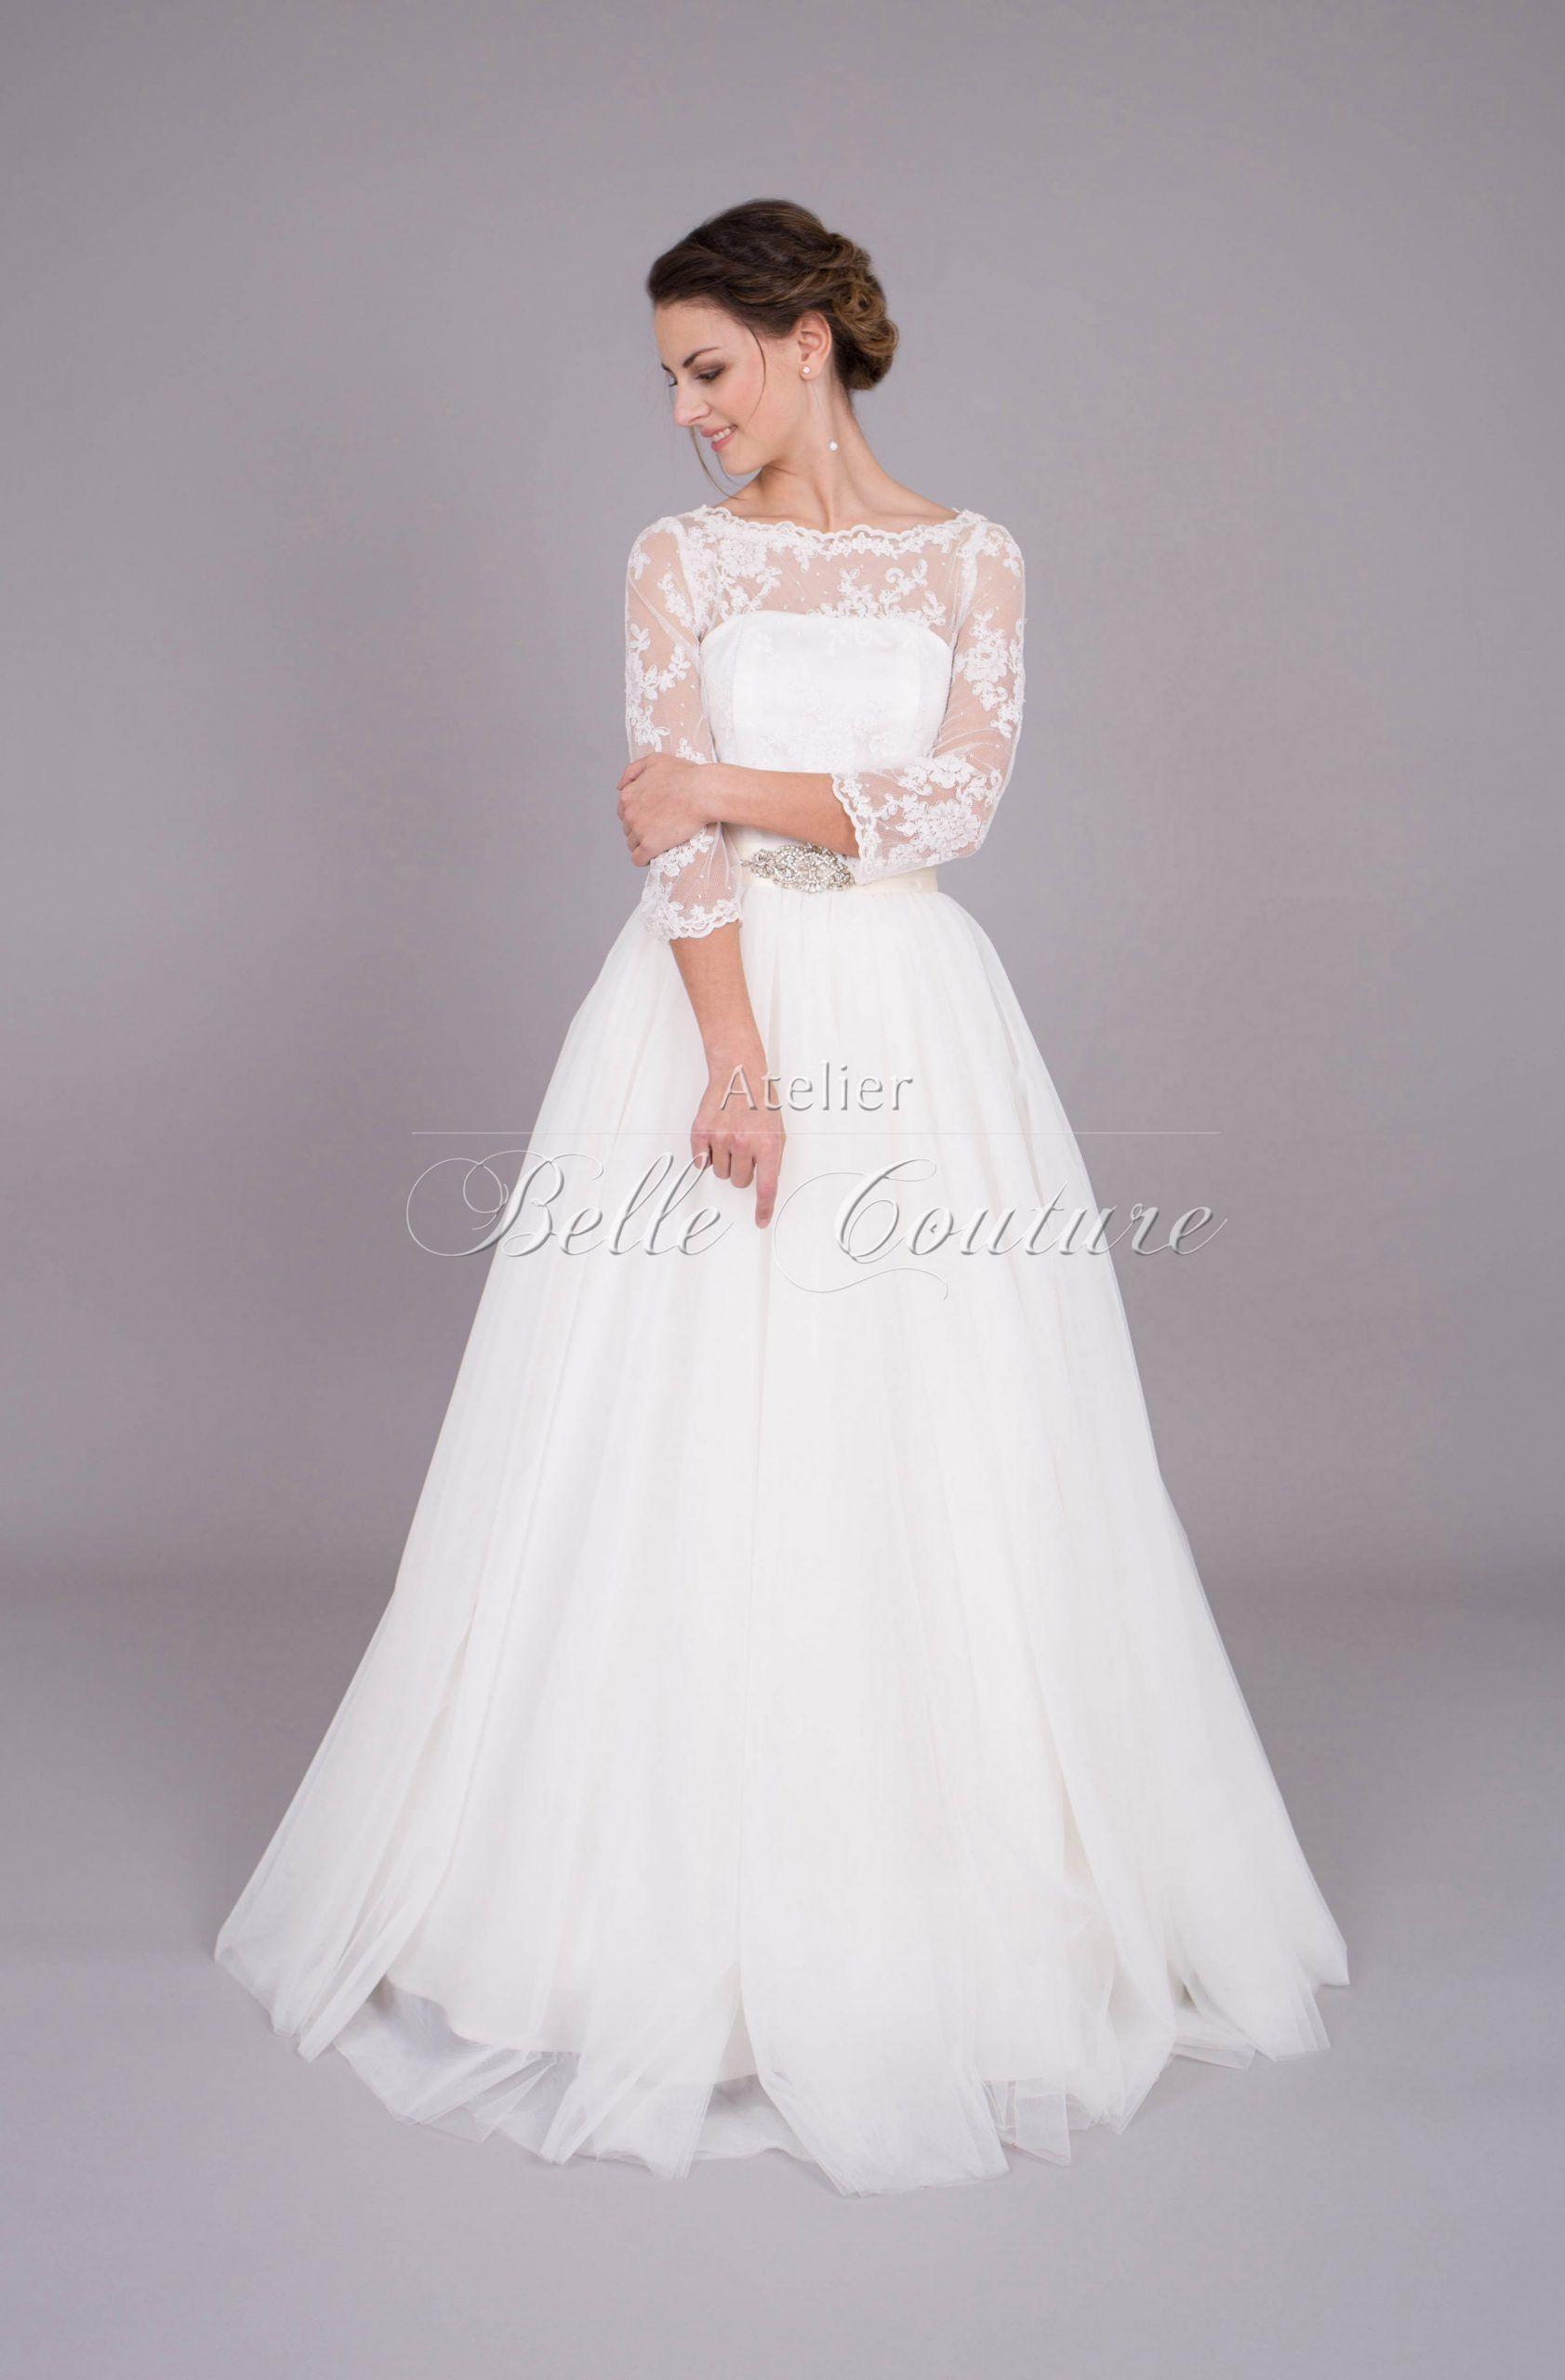 19 Schlichte Hochzeitskleider - #brautkleidschlicht